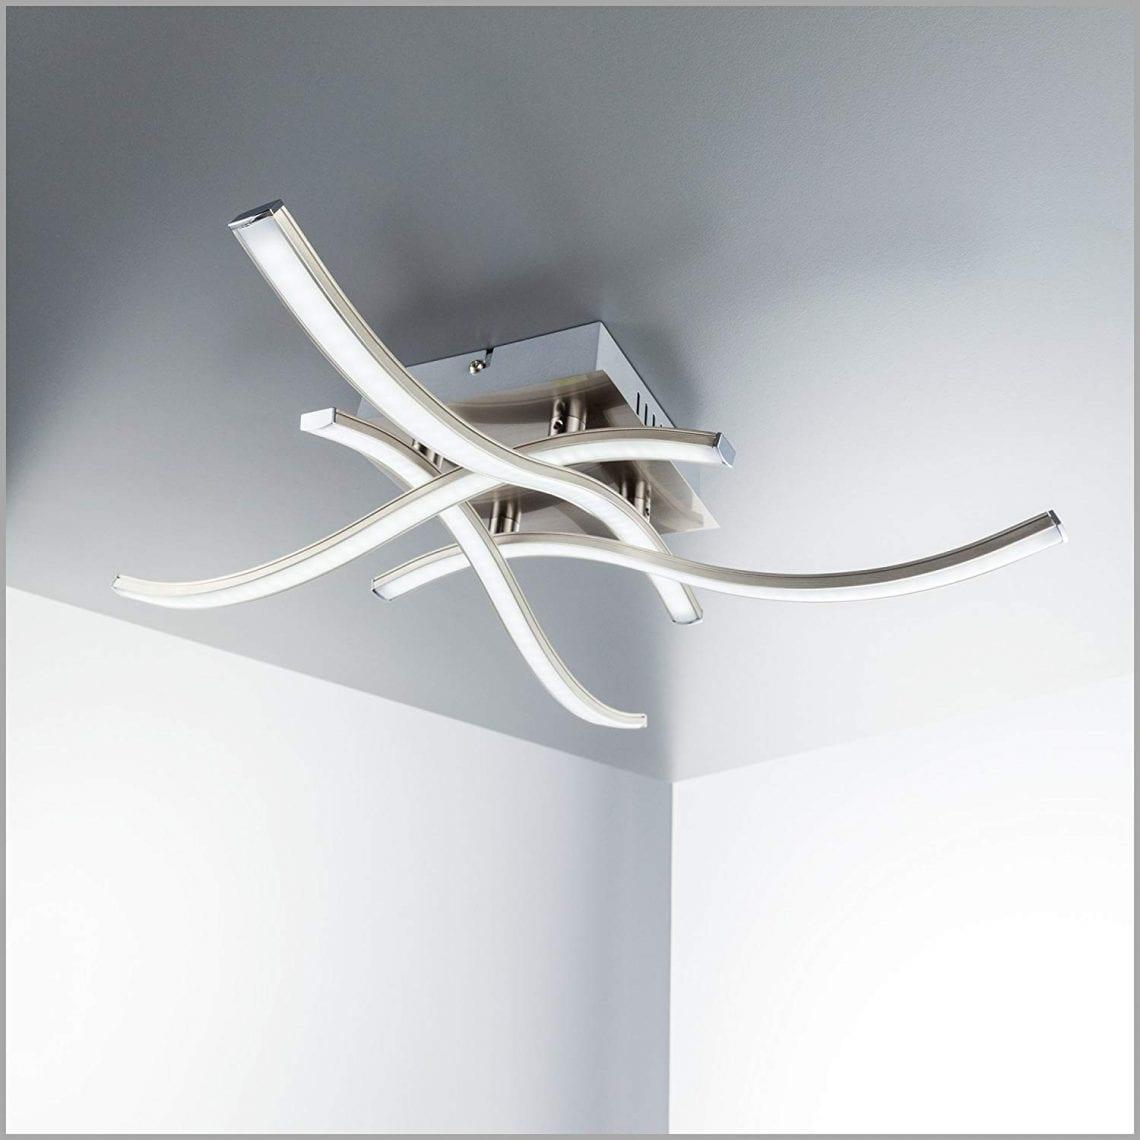 Eclairage Cuisine Led Plafond les plafonniers à led design - zone led